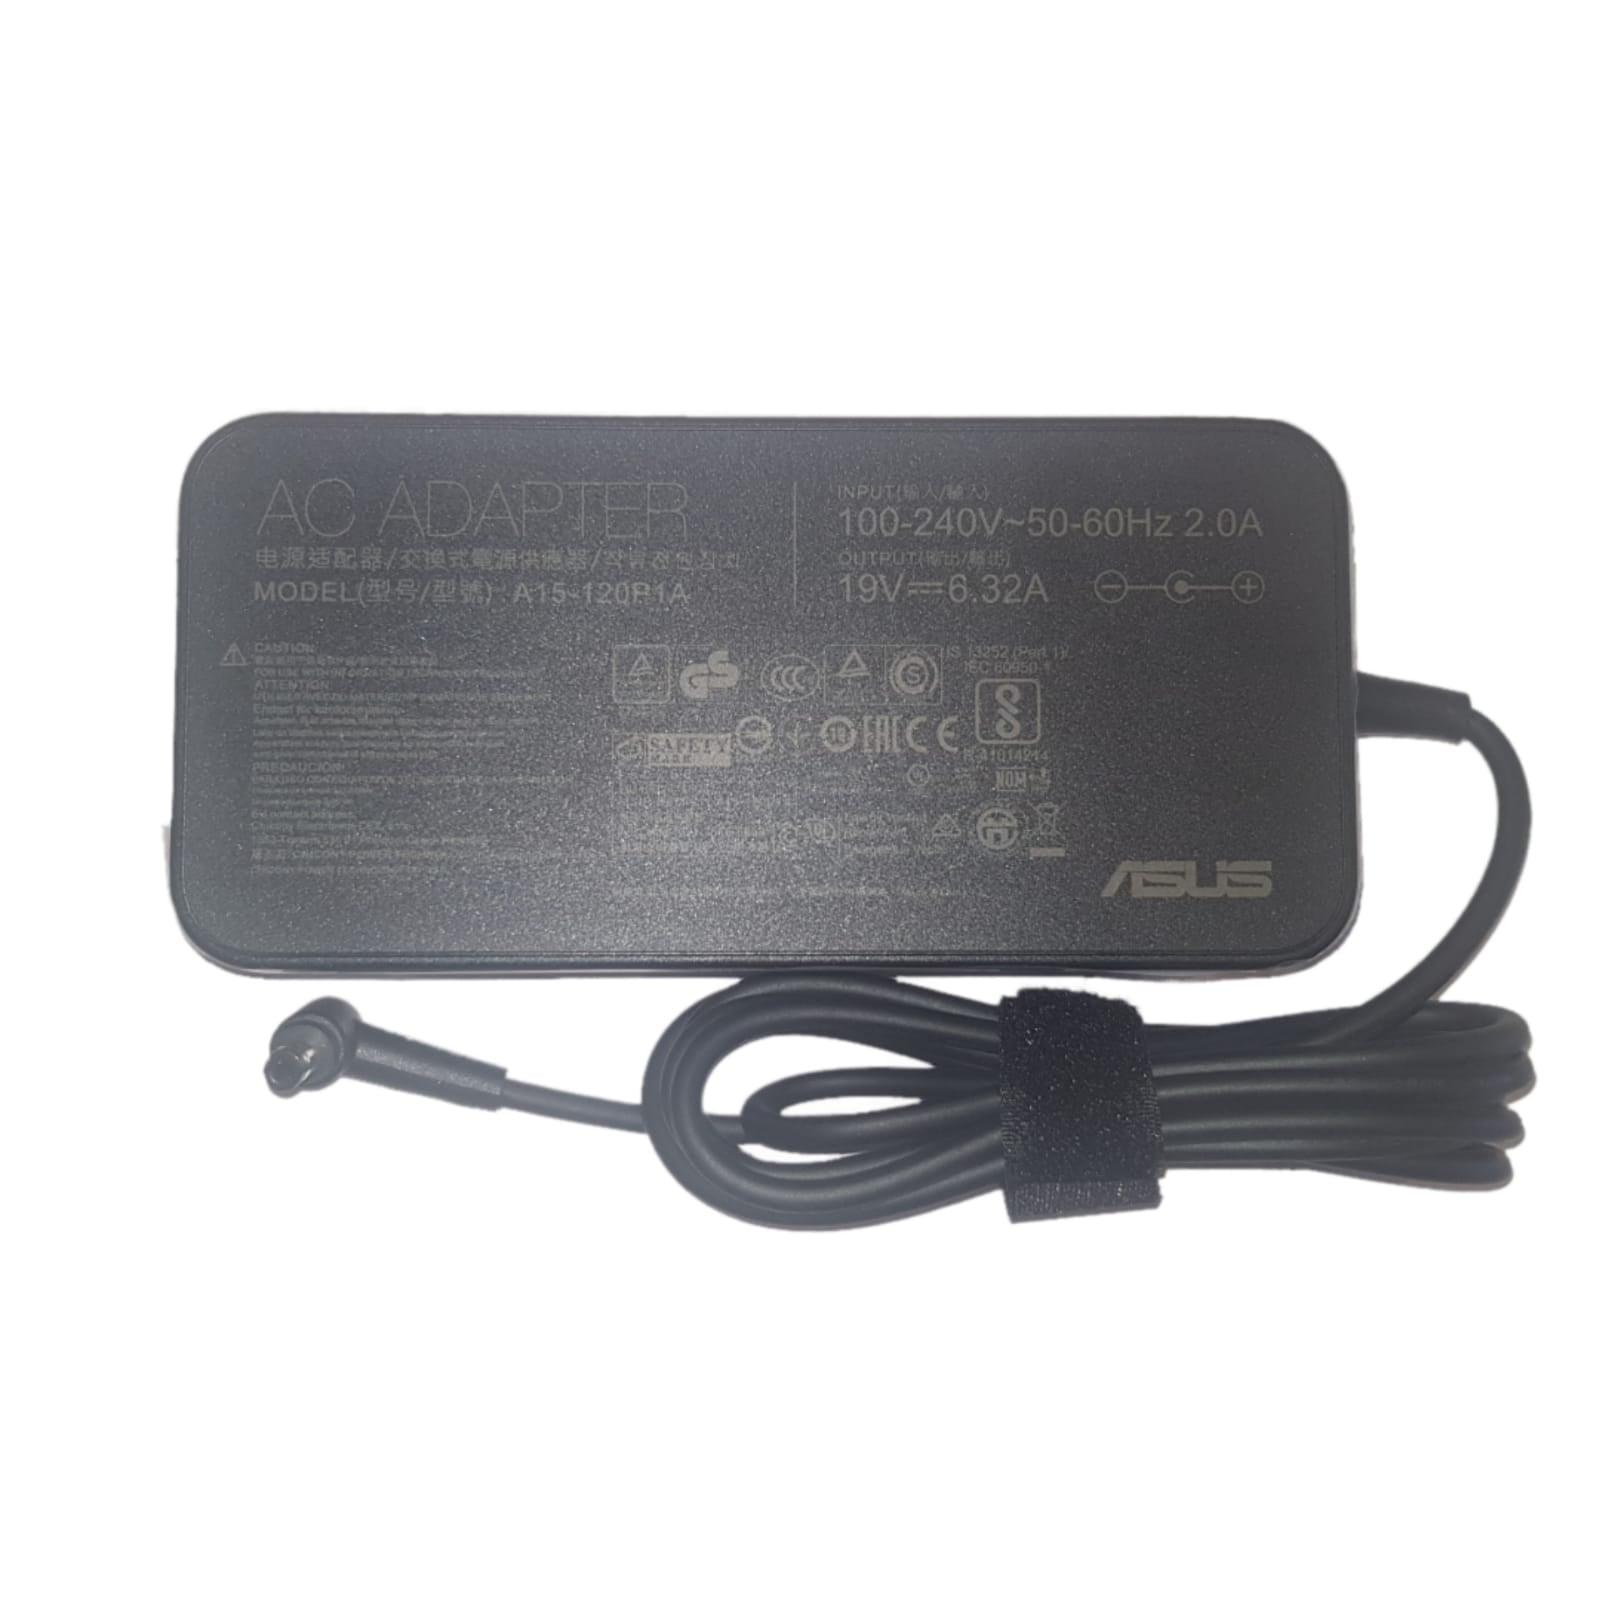 מטען למחשב נייד אסוס Asus K750L